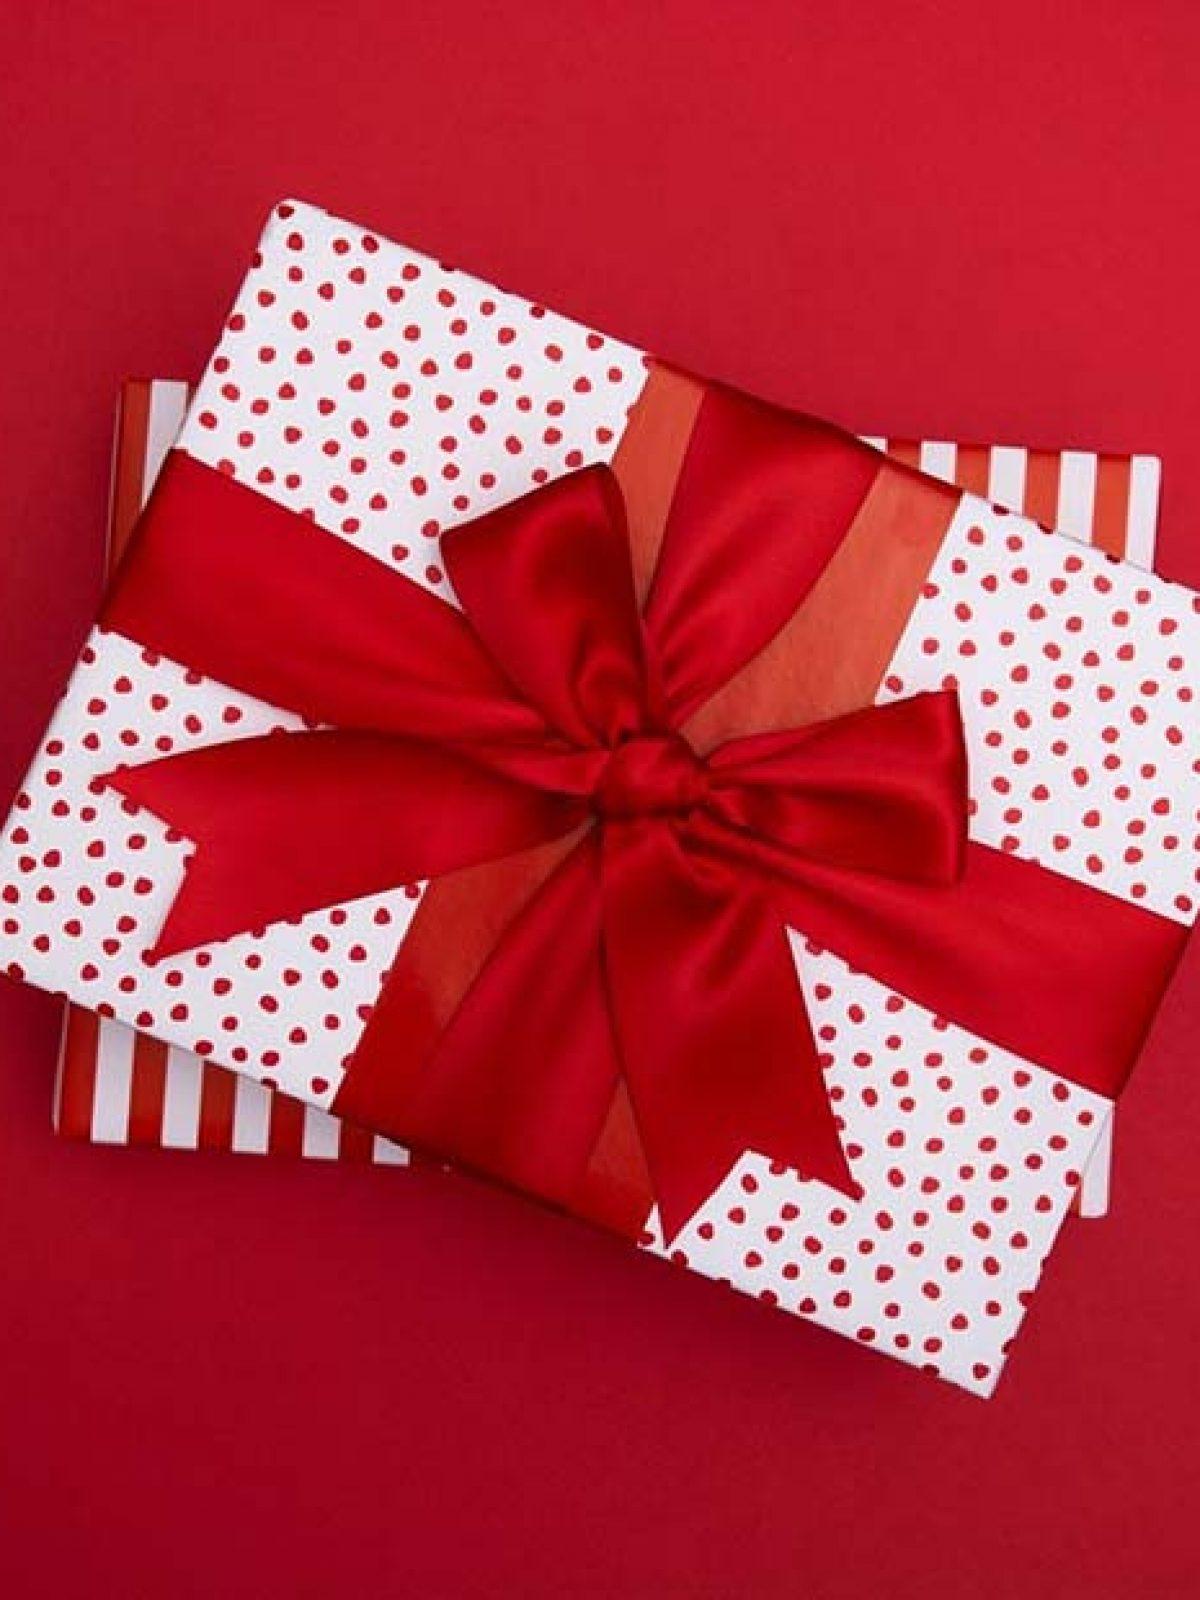 50 Gift Ideas Under $50